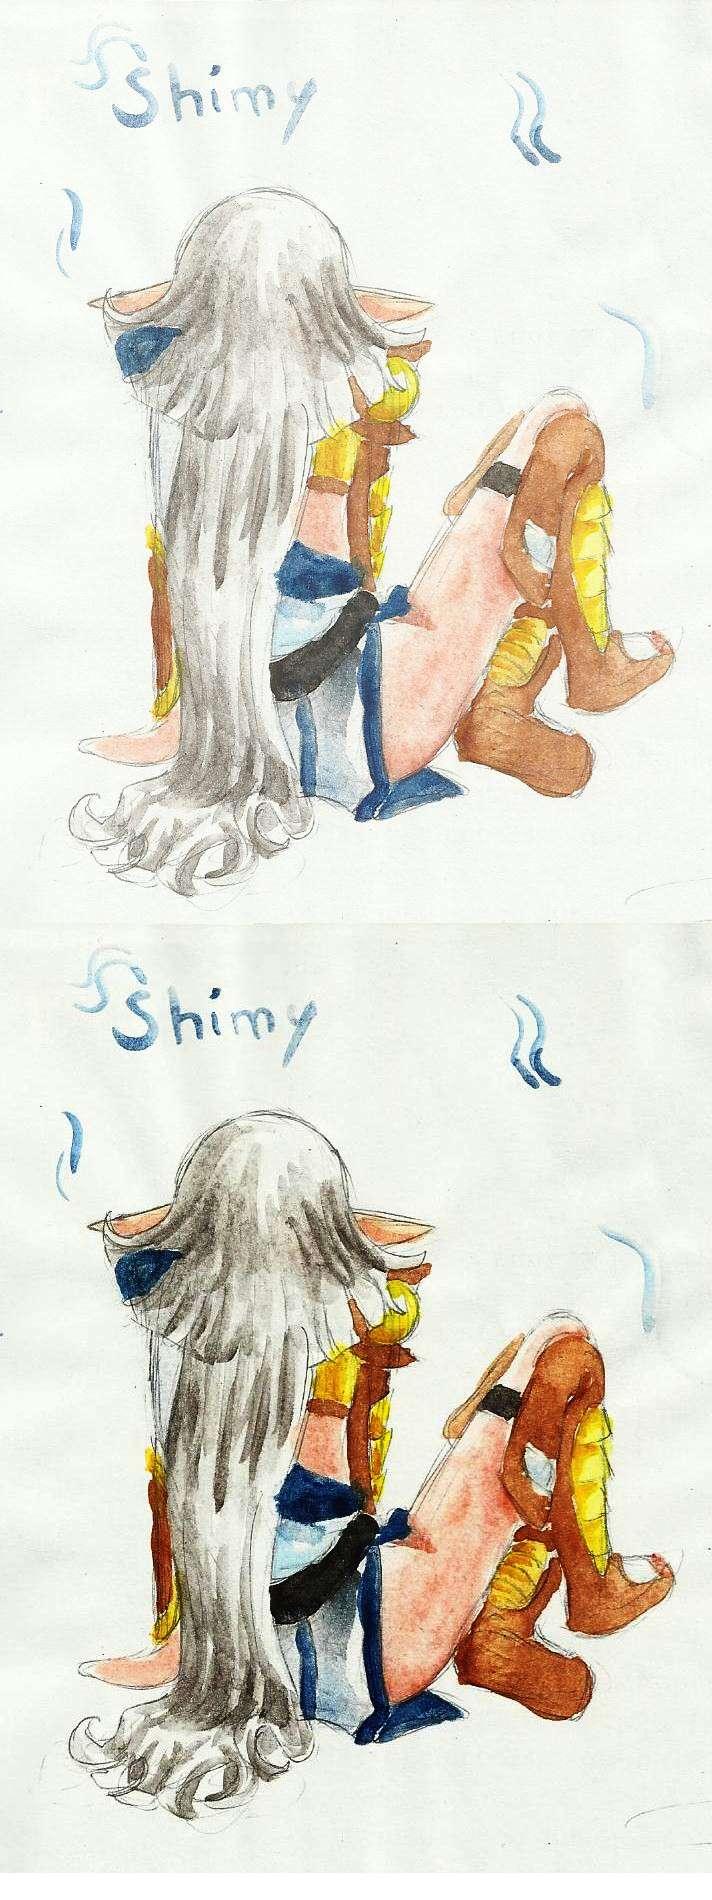 heuuu, je crois que ce sont mes dessins, de Moyo.... - Page 14 S_dos_10